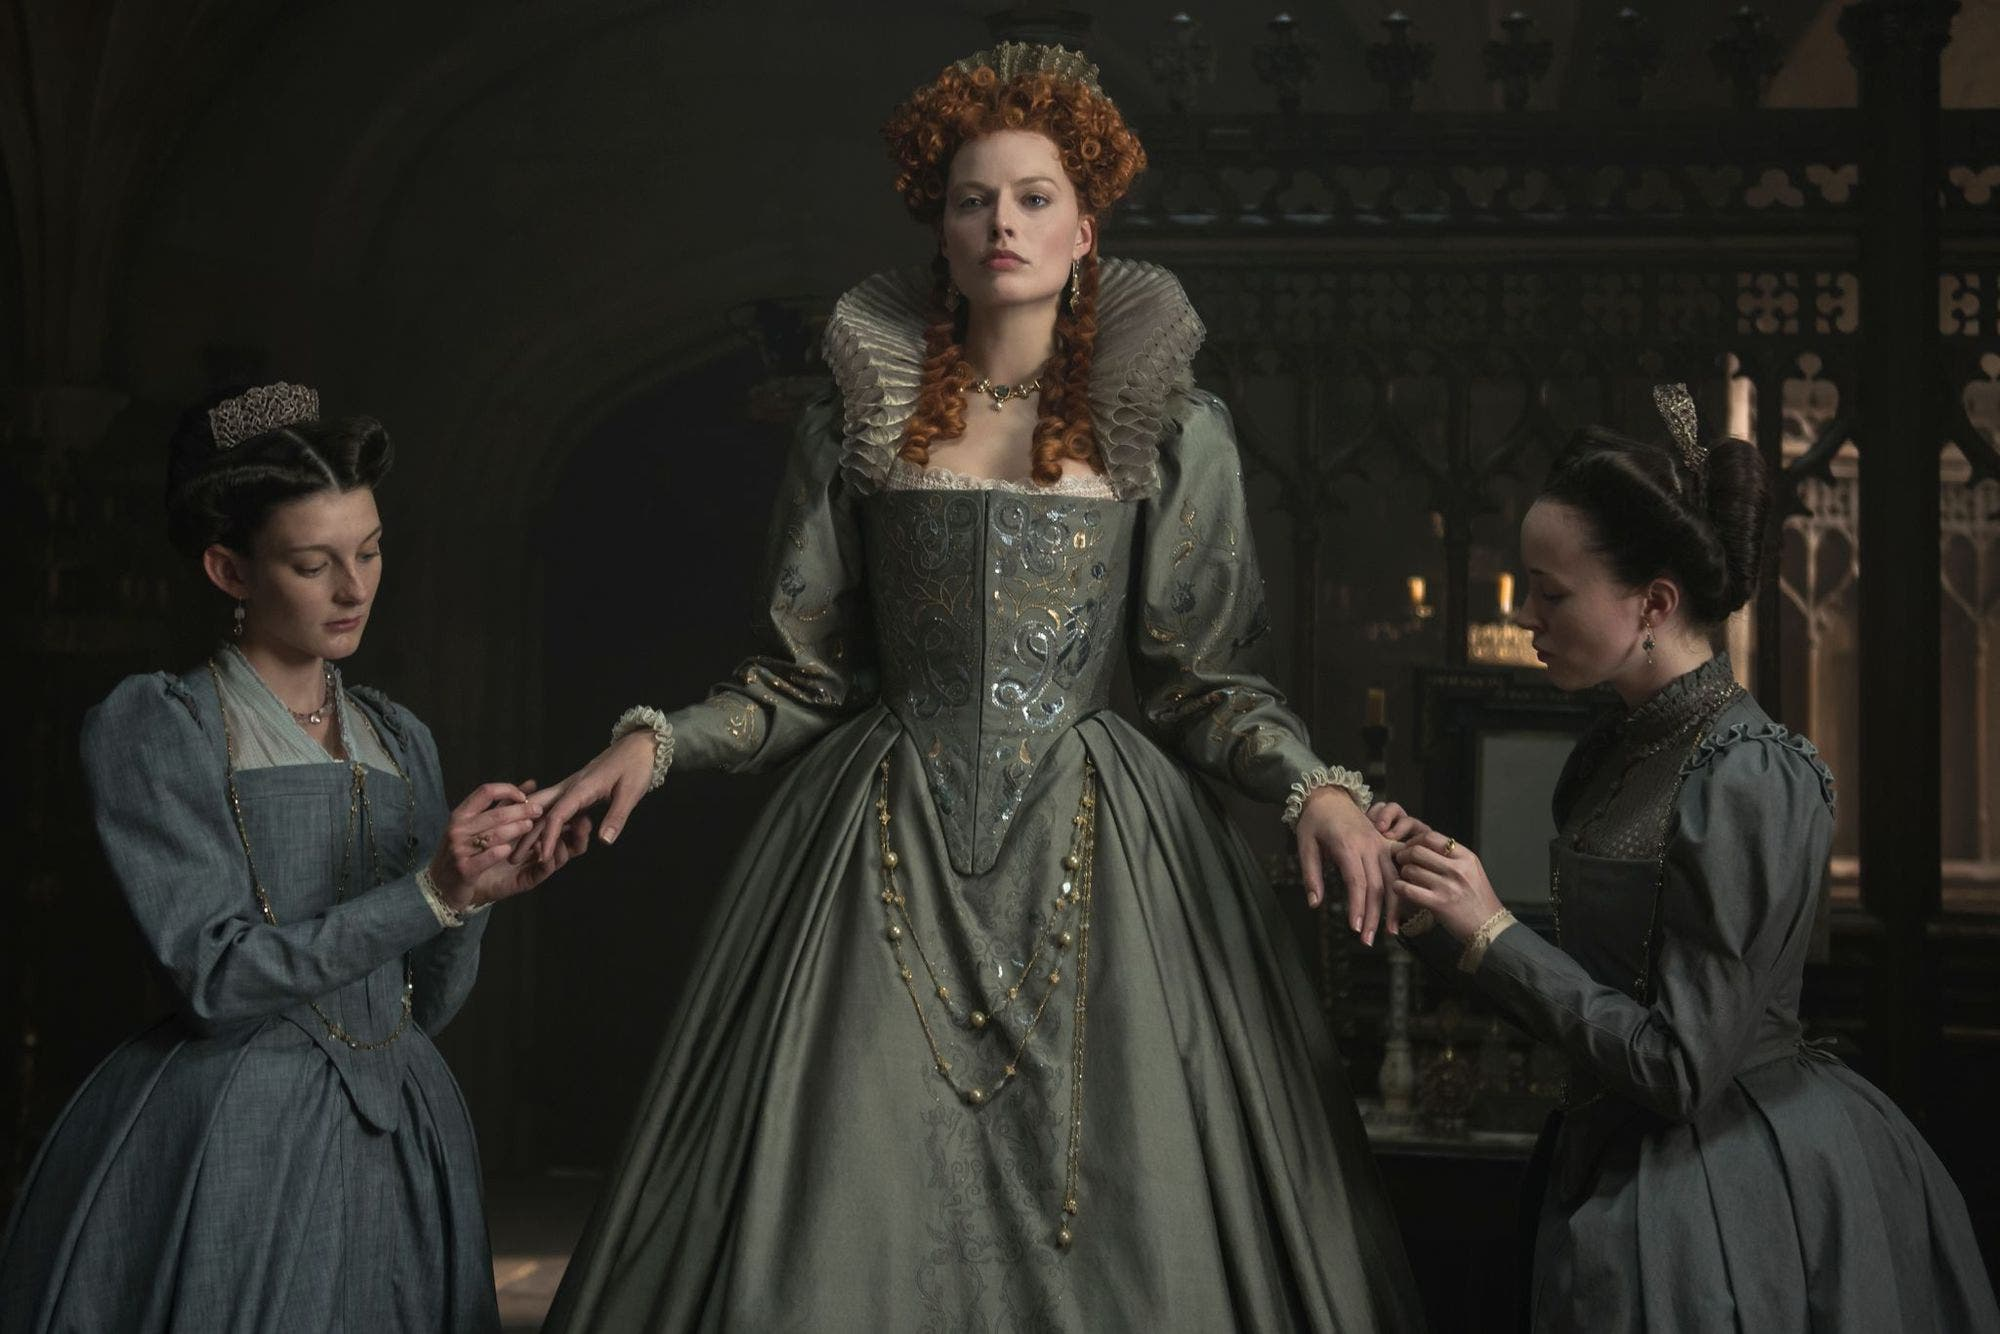 الأناقة الفيكتورية في فيلم ماري ستيوارت ملكة اسكتلندا